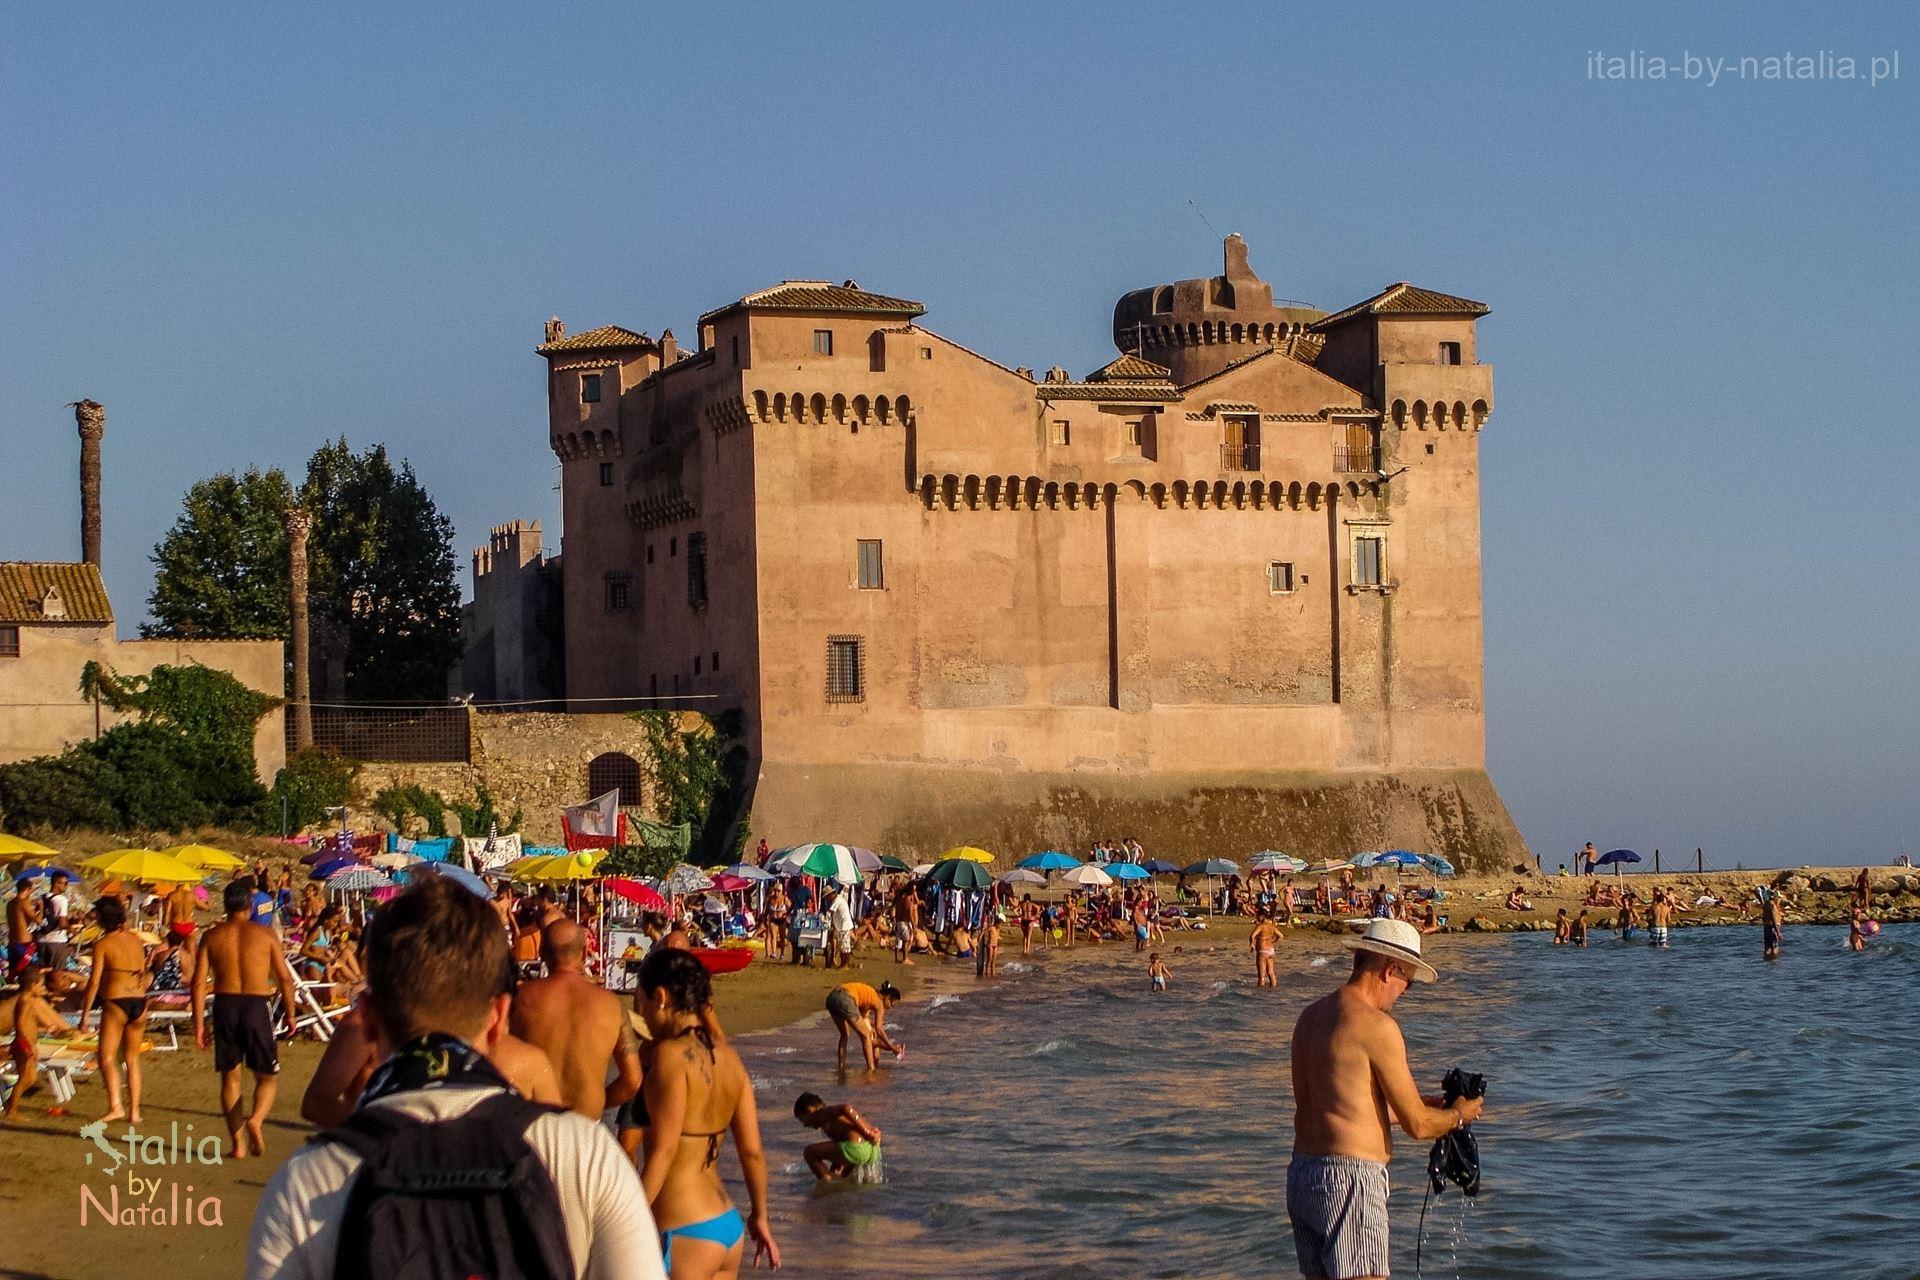 Santa Severa Włochy plaża koło Rzymu zamek